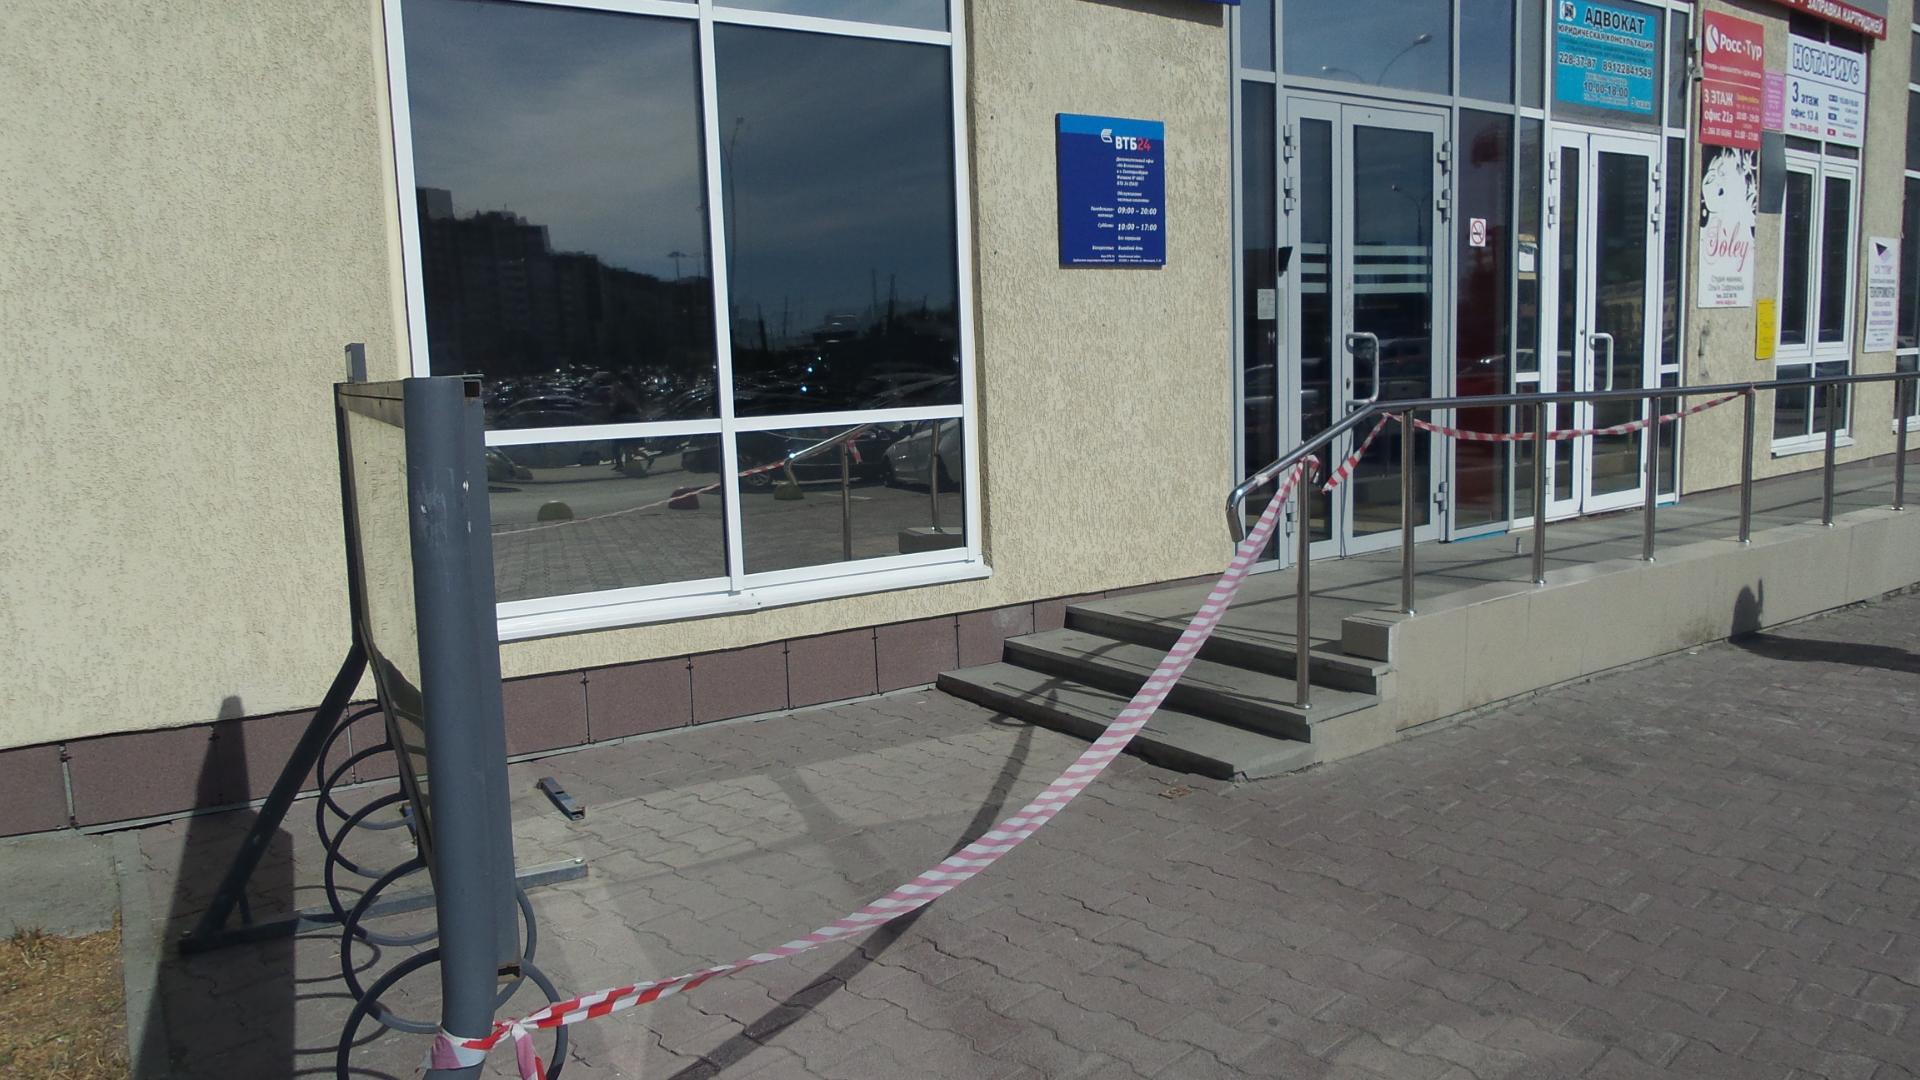 Преступники ограбили кабинет банка ВТБ24 вЕкатеринбурге на4 млн руб